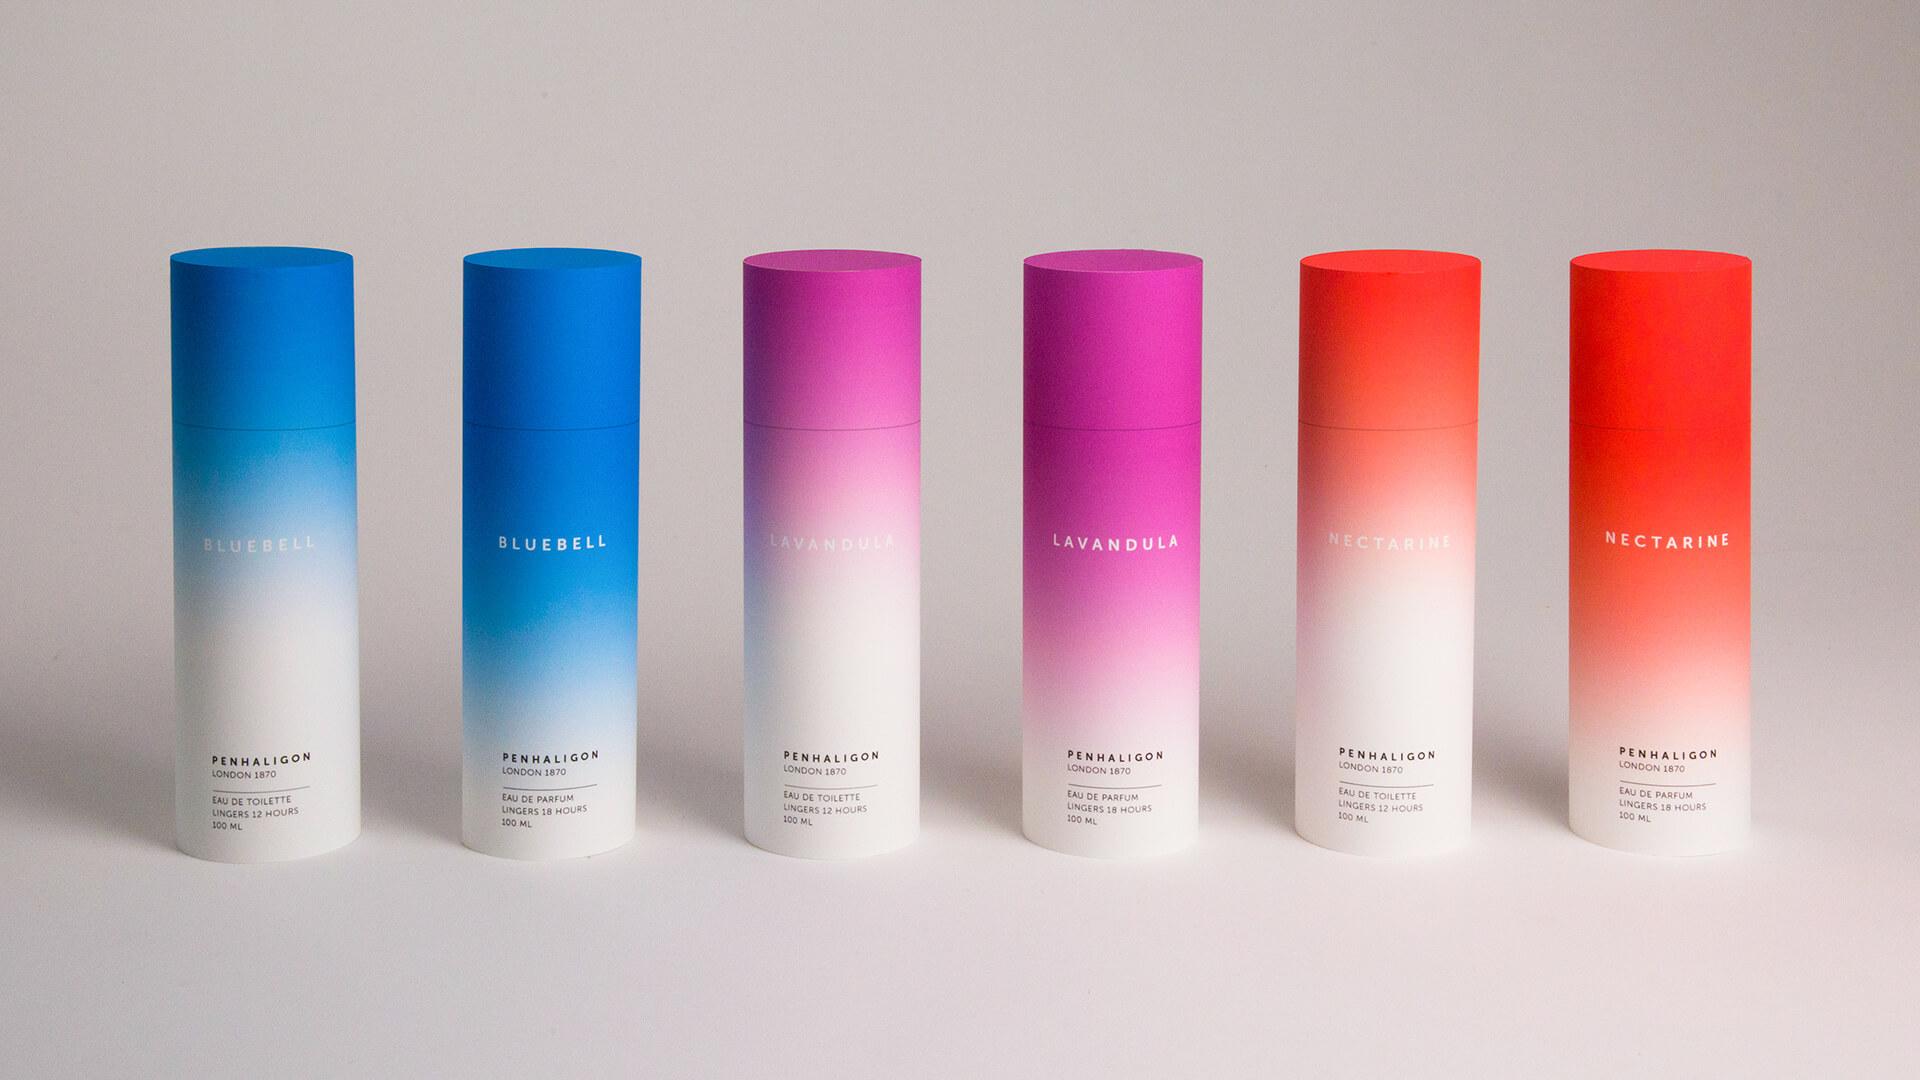 Boîtes de parfums en forme de tube avec un dégradé de couleurs